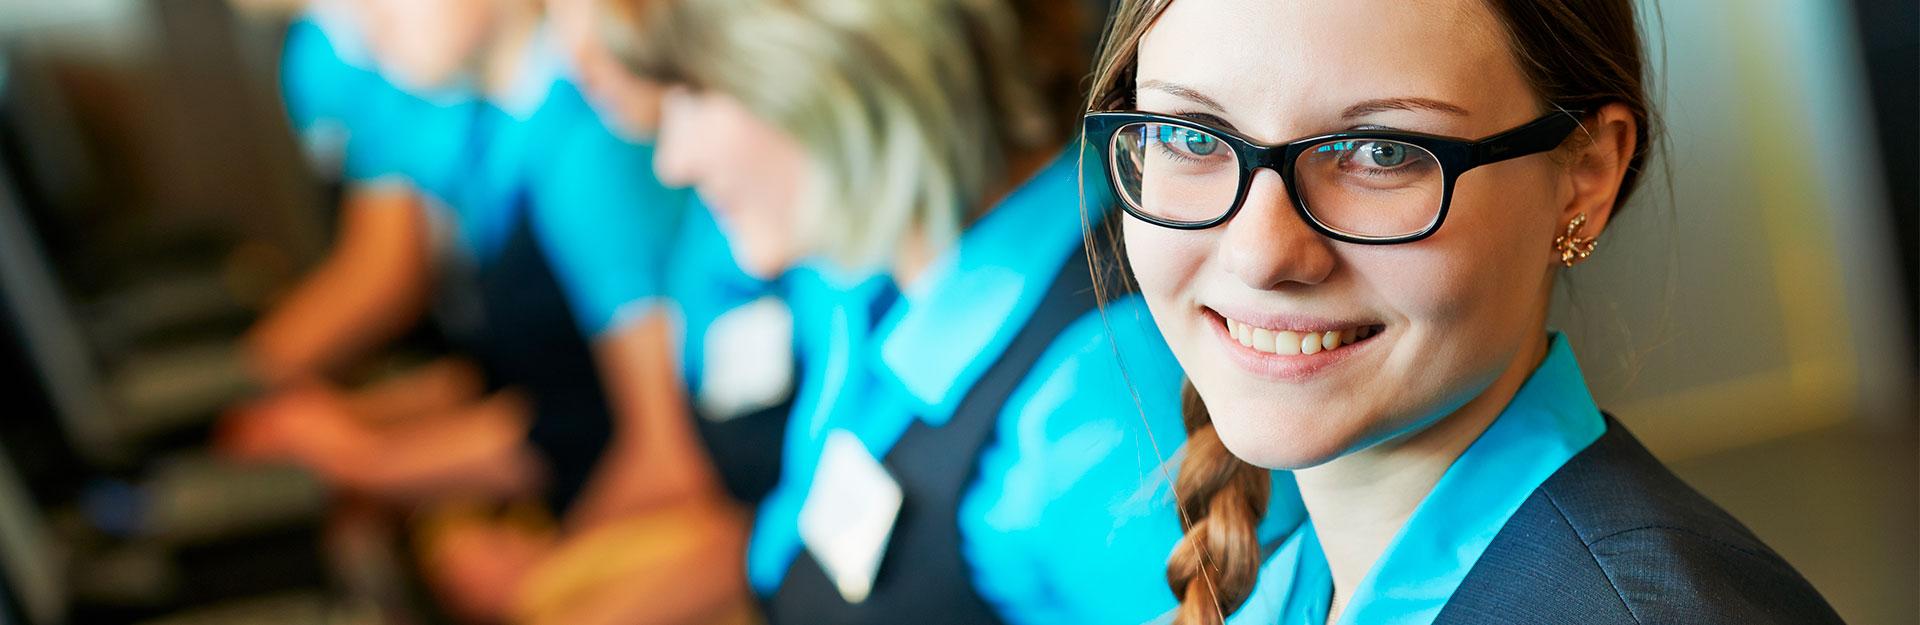 Una empleada posa sonriendo mientras frente a otros trabajadores.